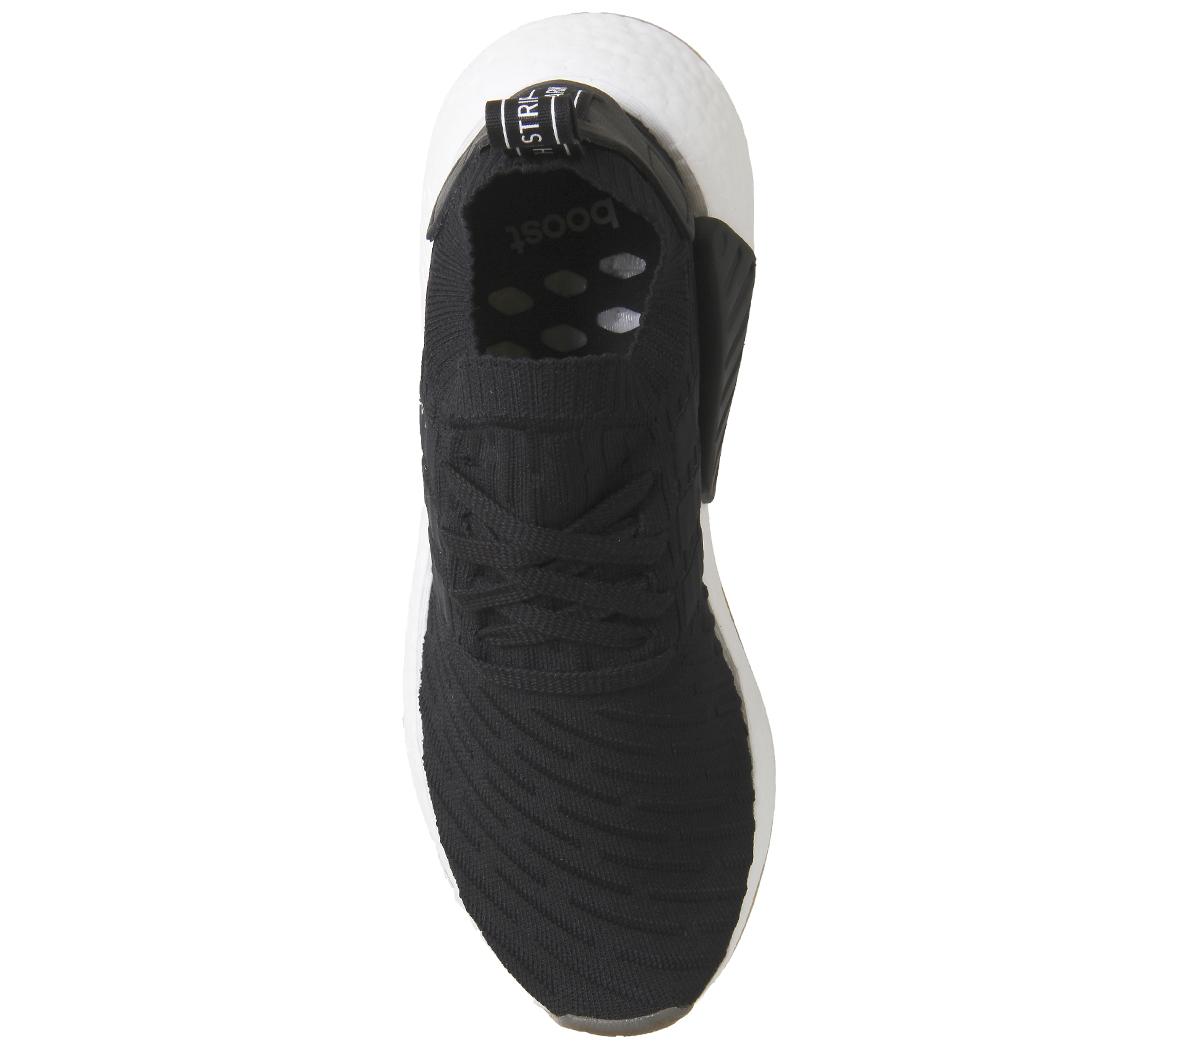 28b4019fc6f4d Zapatillas para hombre Adidas NMD R2 PK Negro Blanco Zapatillas ...